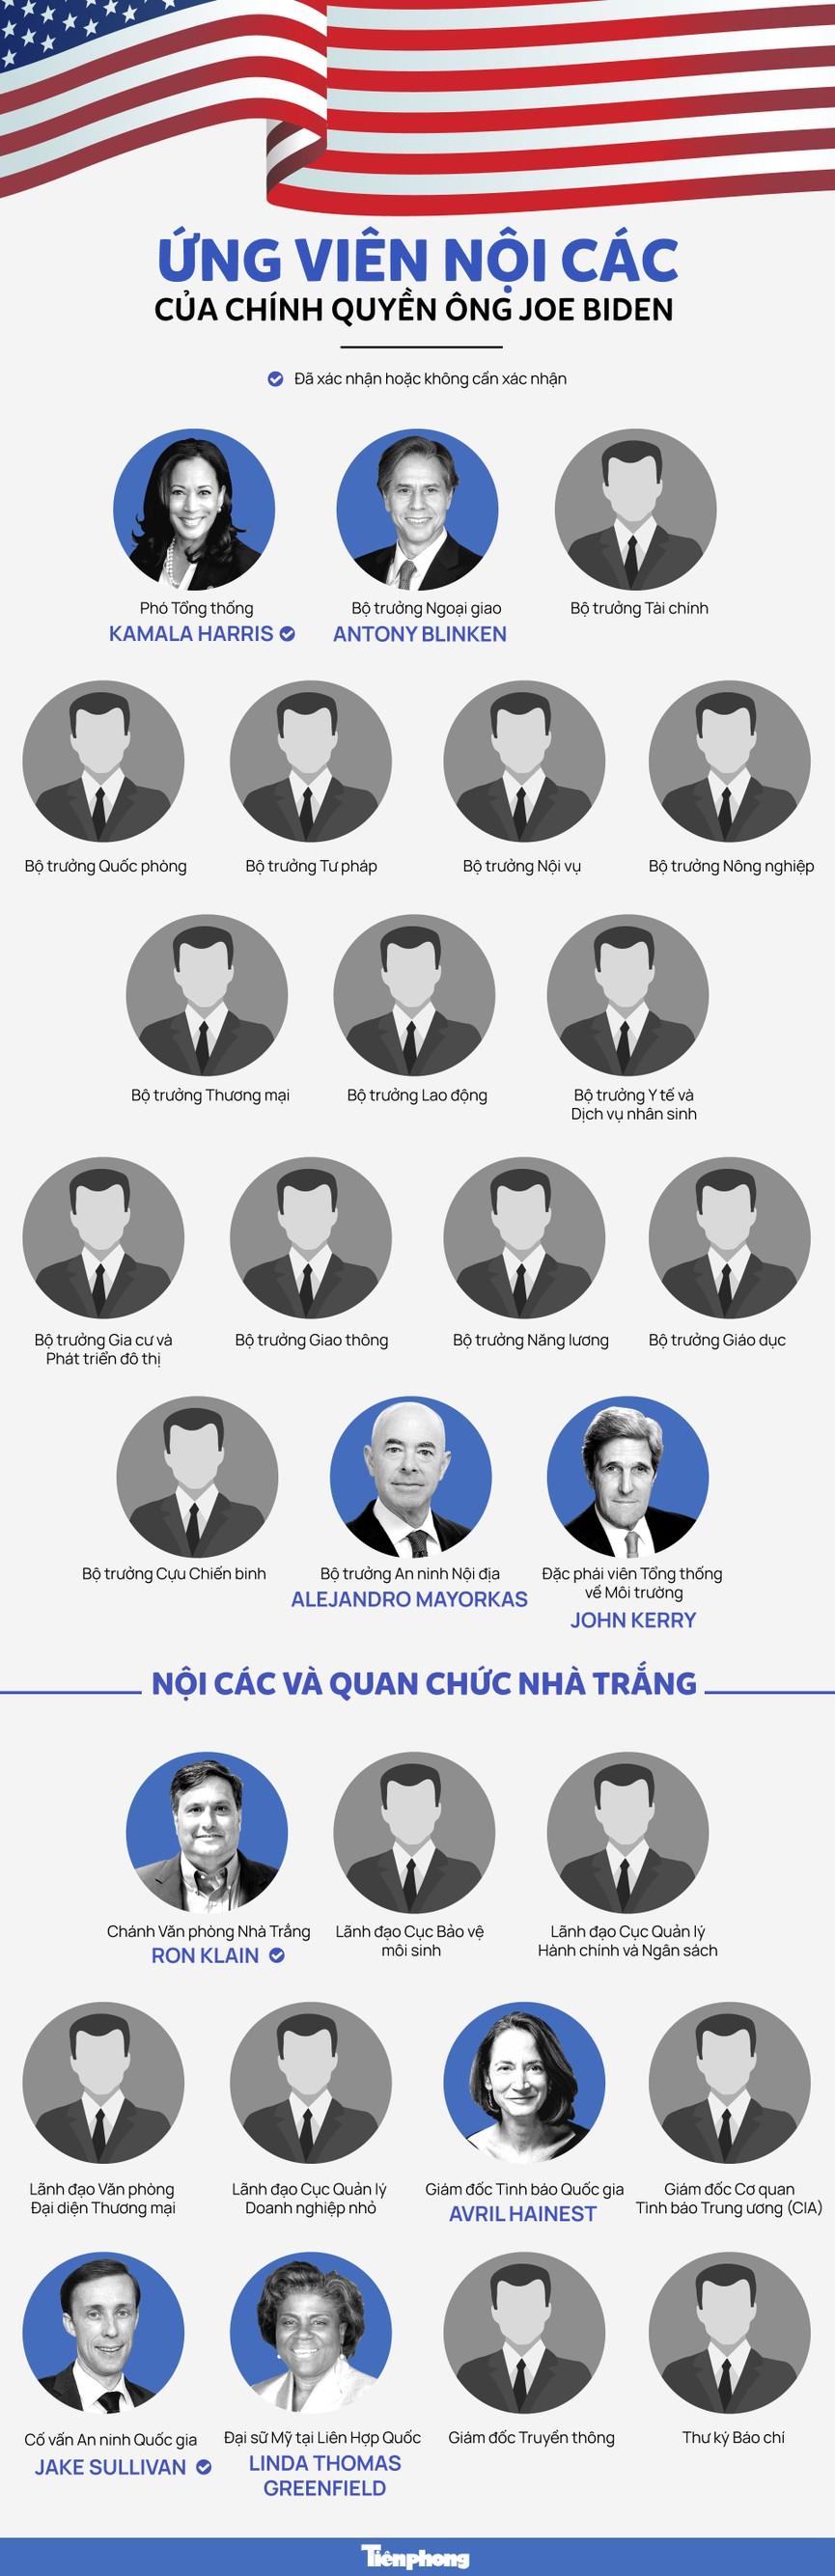 Hé lộ hàng loạt vị trí nội các trong chính quyền ông Joe Biden - ảnh 1